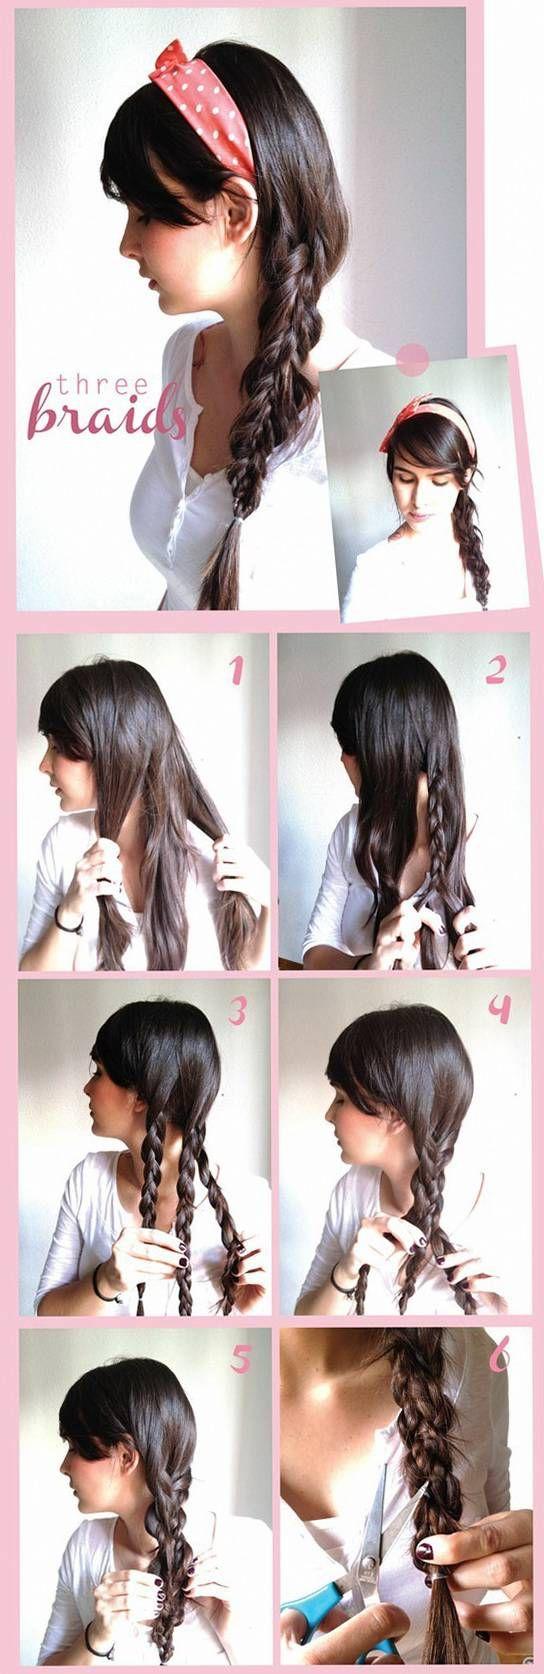 прическа на длинные волосы косы